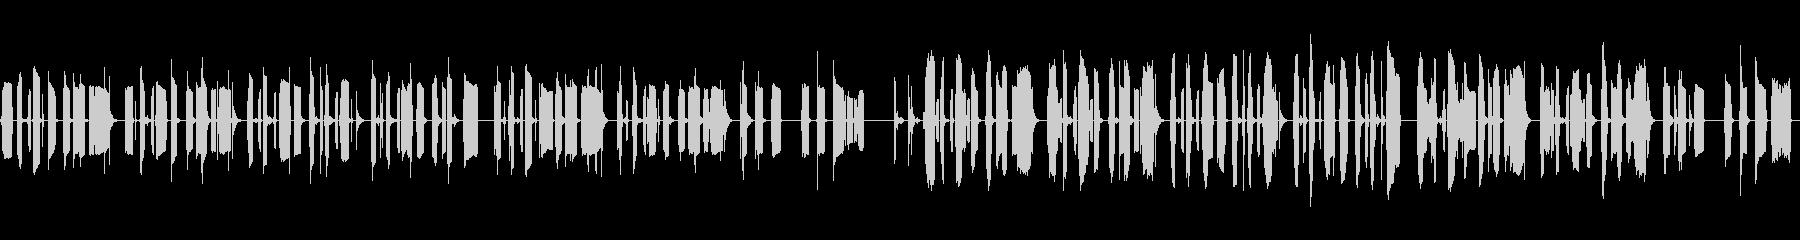 KANTほのぼのBGM200604の未再生の波形